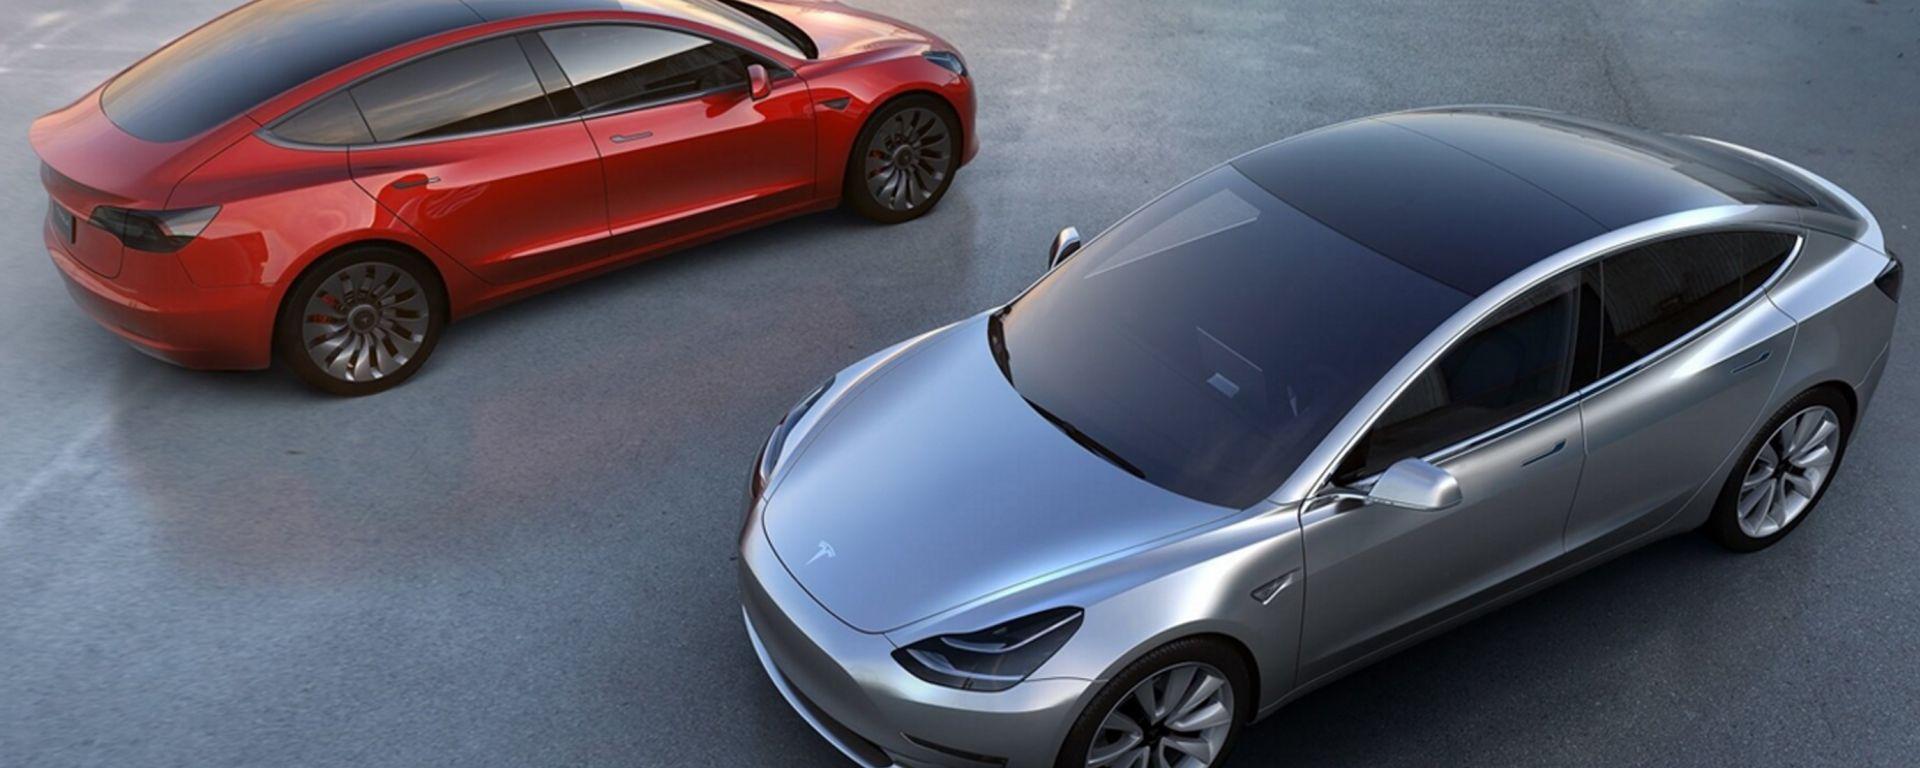 Entro 8 anni non si venderanno più auto con motori a combustione interna